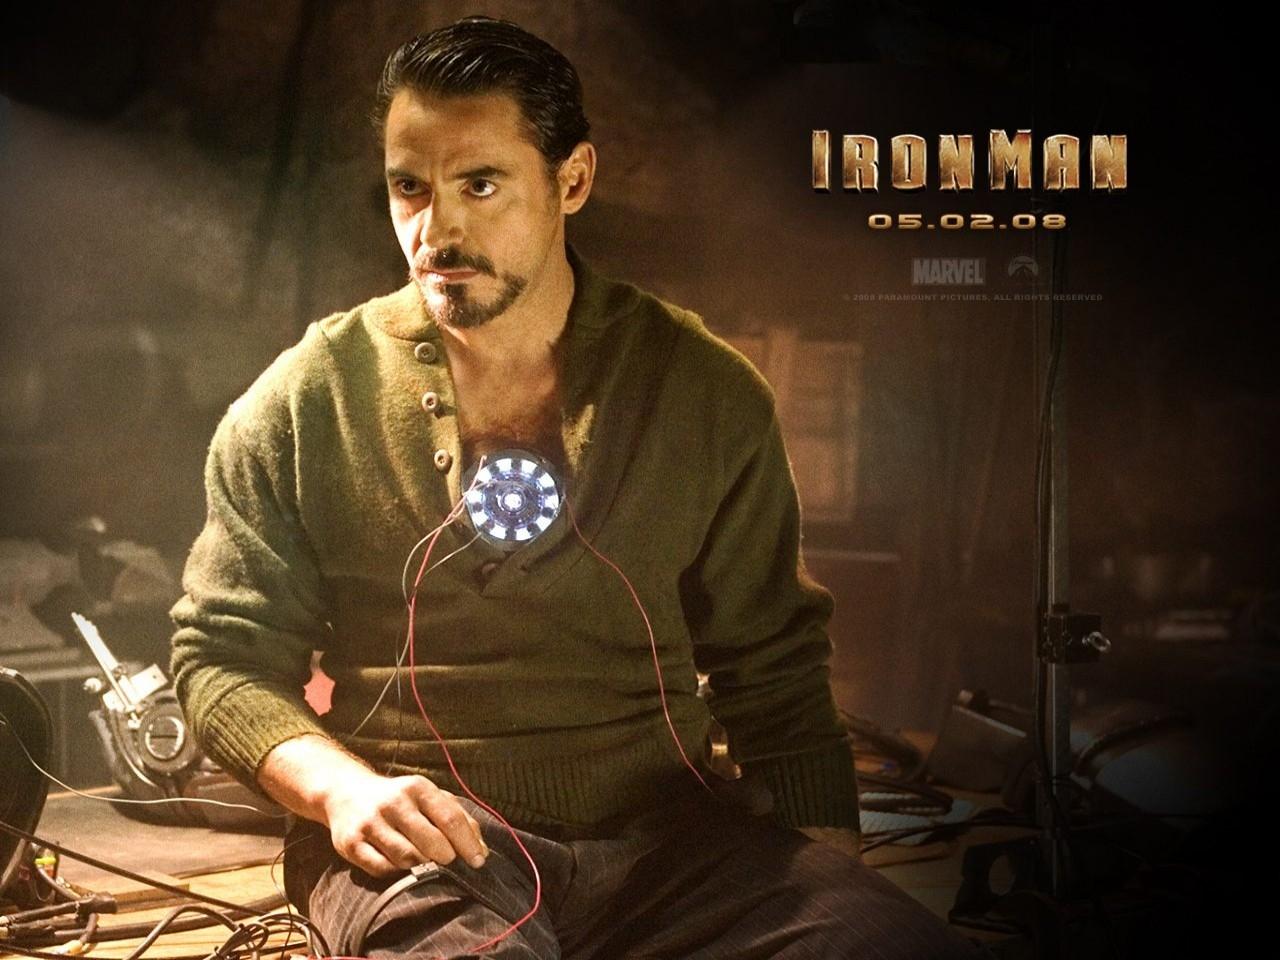 Wallpaper del film Iron Man con Downey